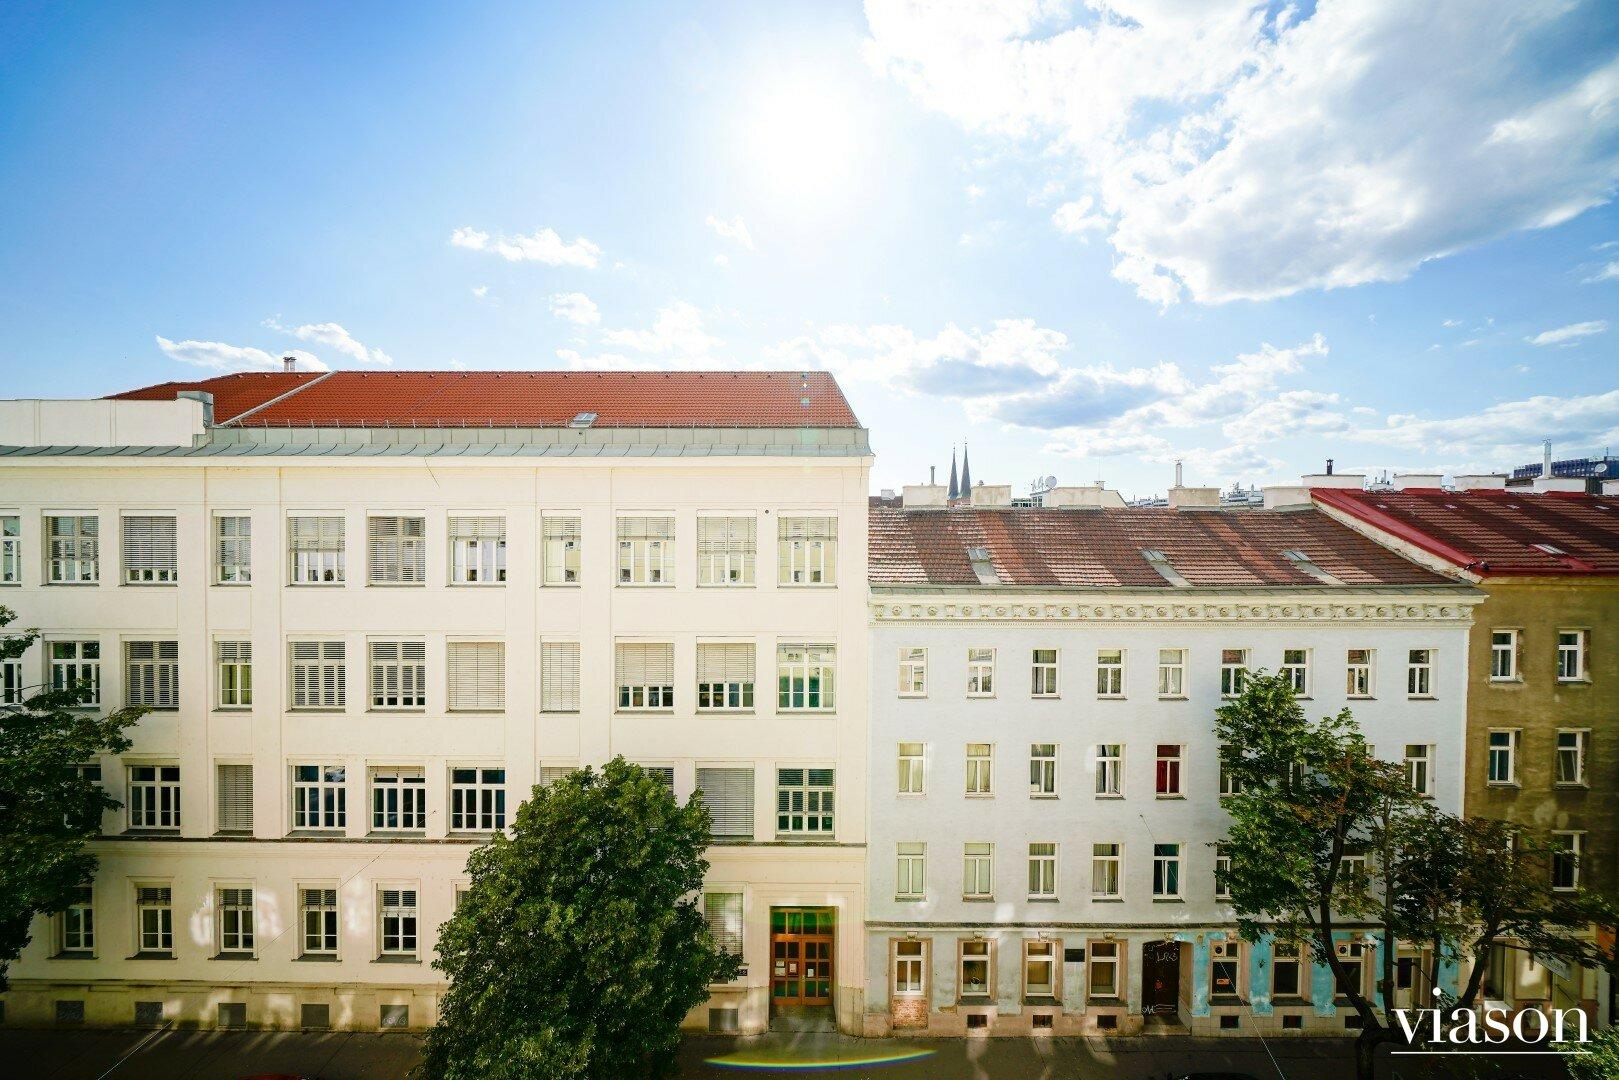 Blick vom Wohnzimmer in die Dammstraße